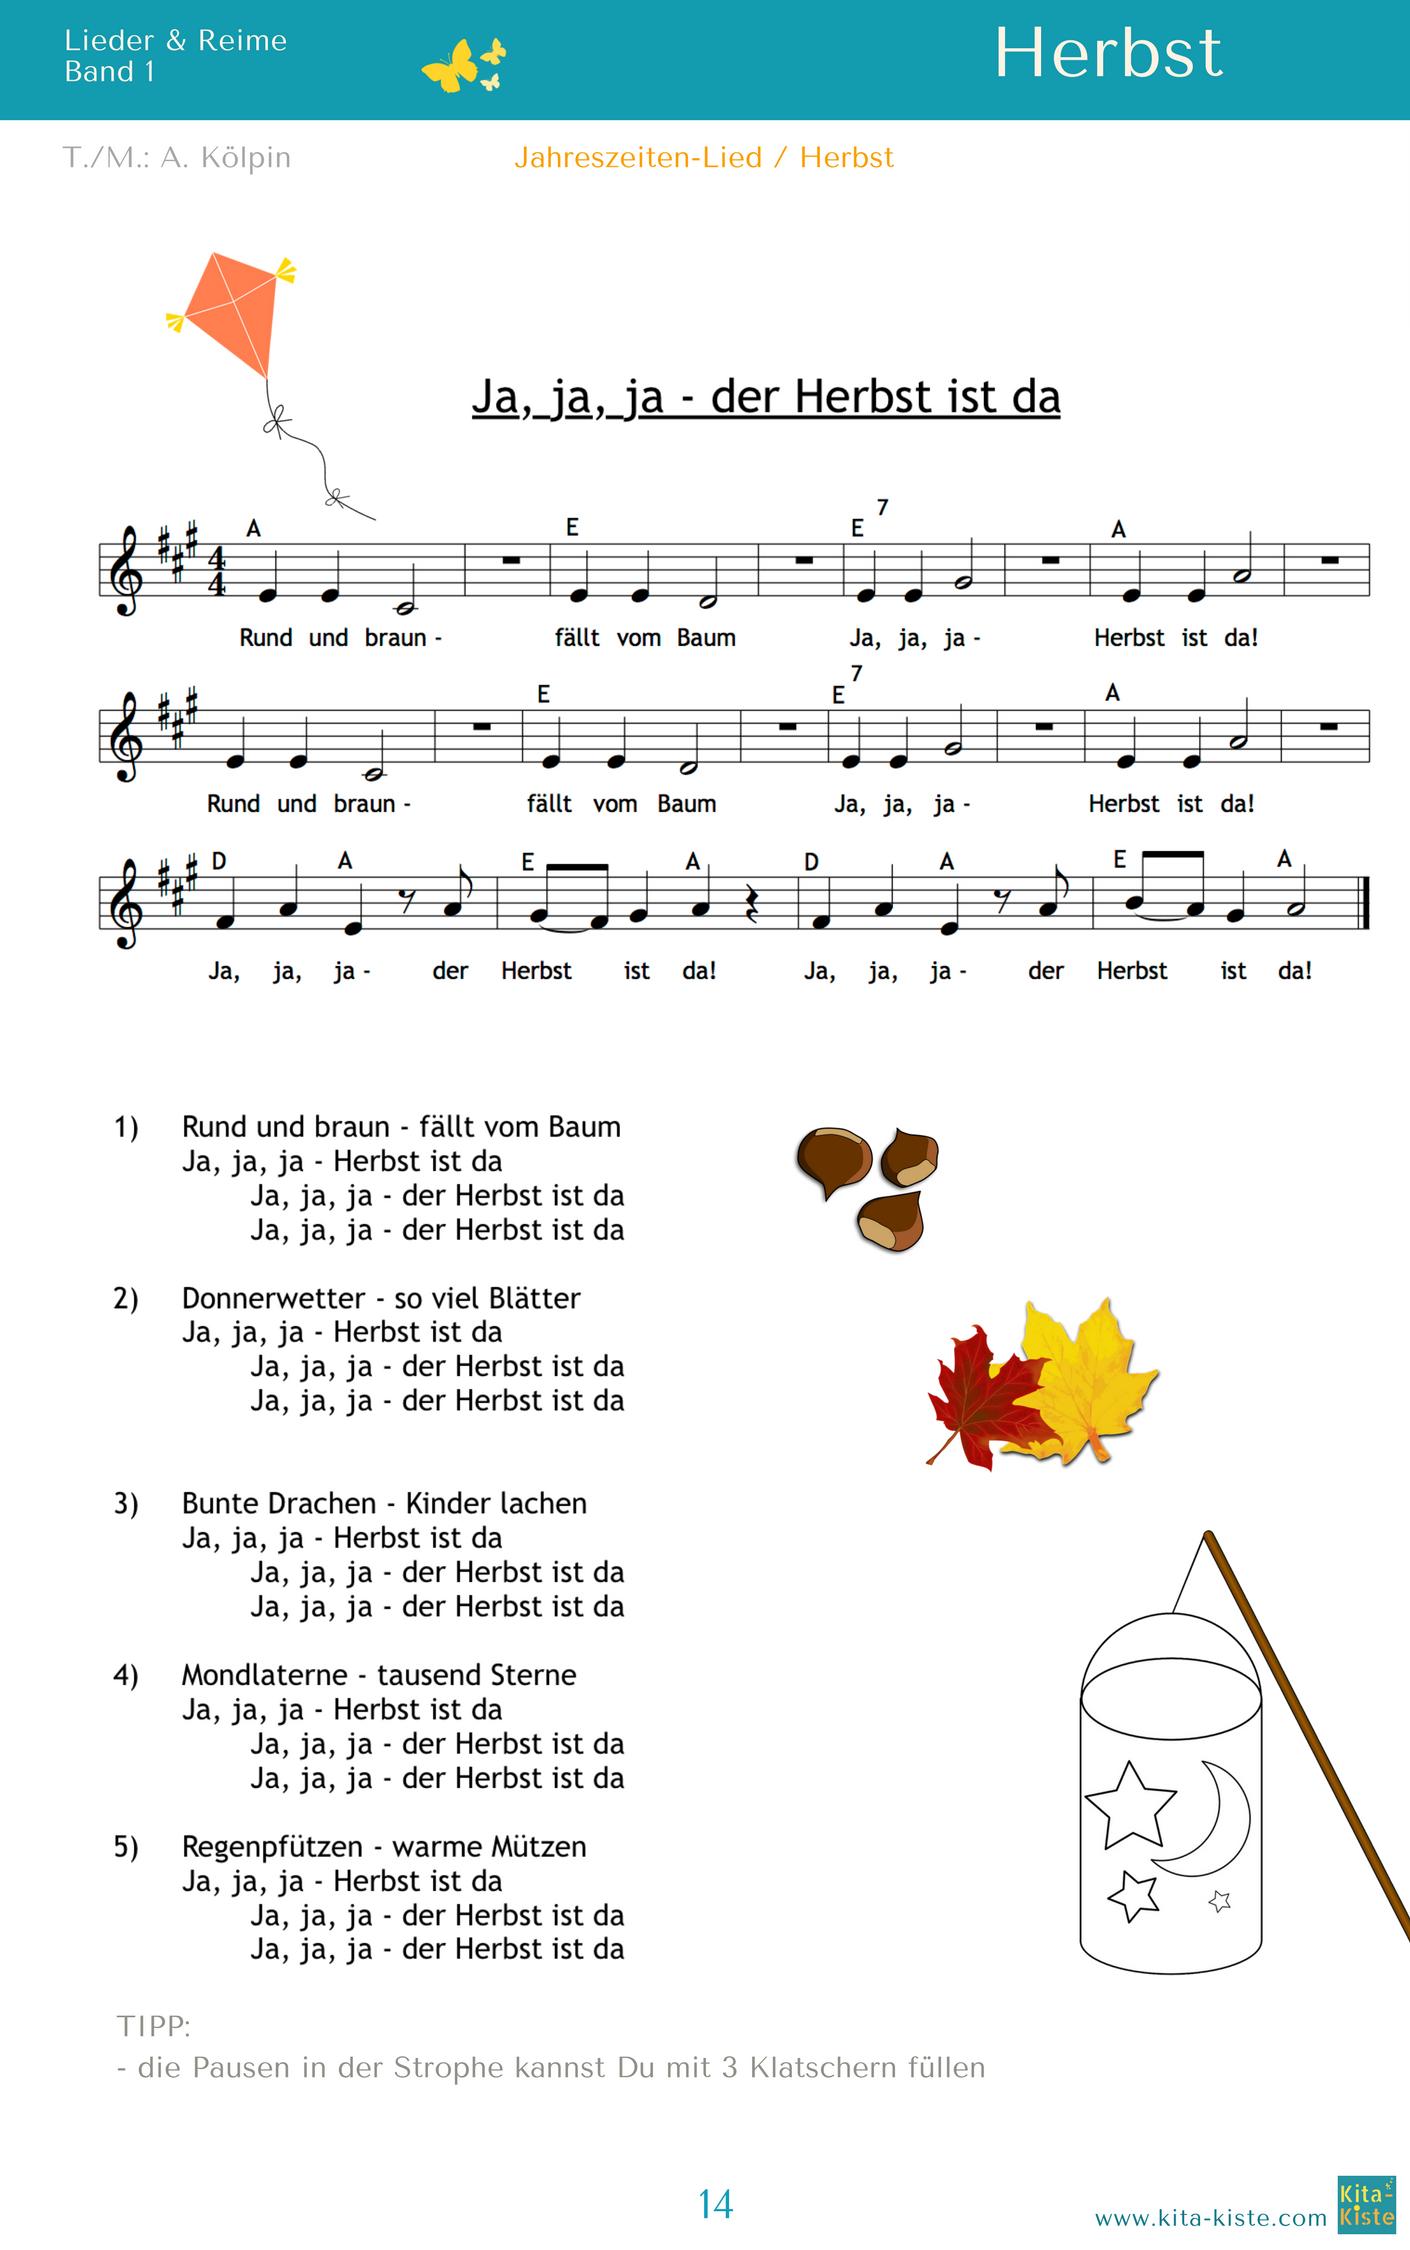 Neue Weihnachtslieder Für Kindergartenkinder.Bildergebnis Für Herbst Im Kindergarten Morgenkreis Lieder